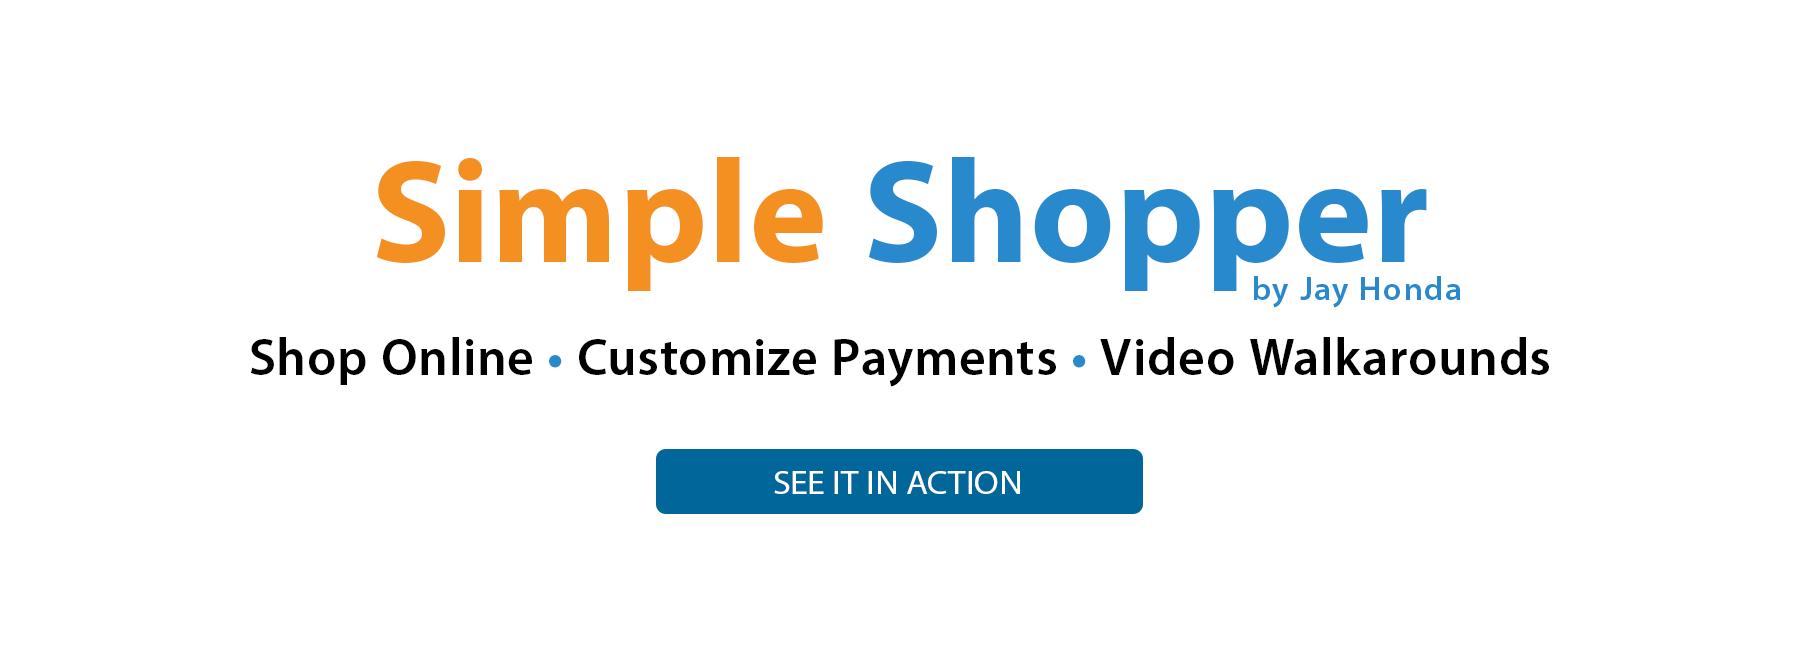 Simple Shopper_Sales_Banner_1800_x_667_4220